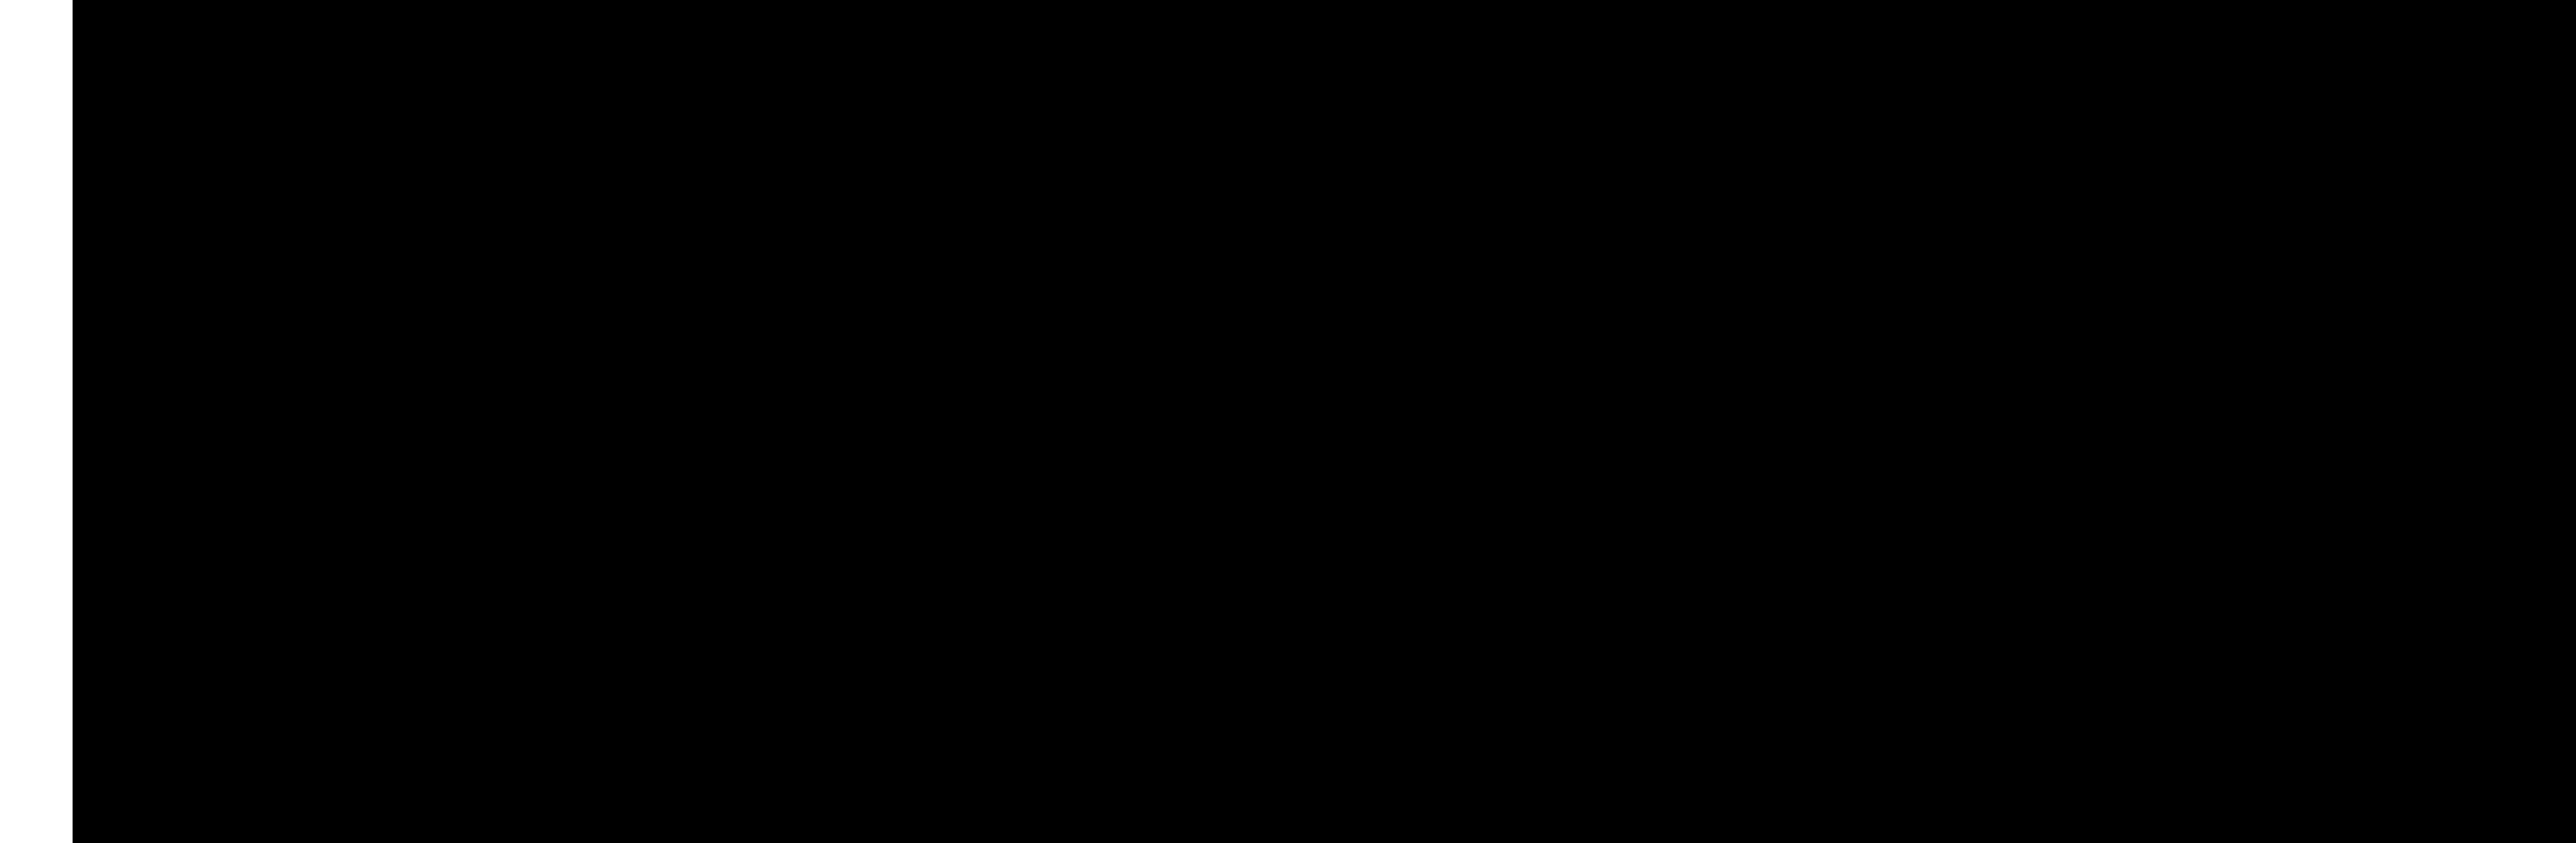 Lunar's logo